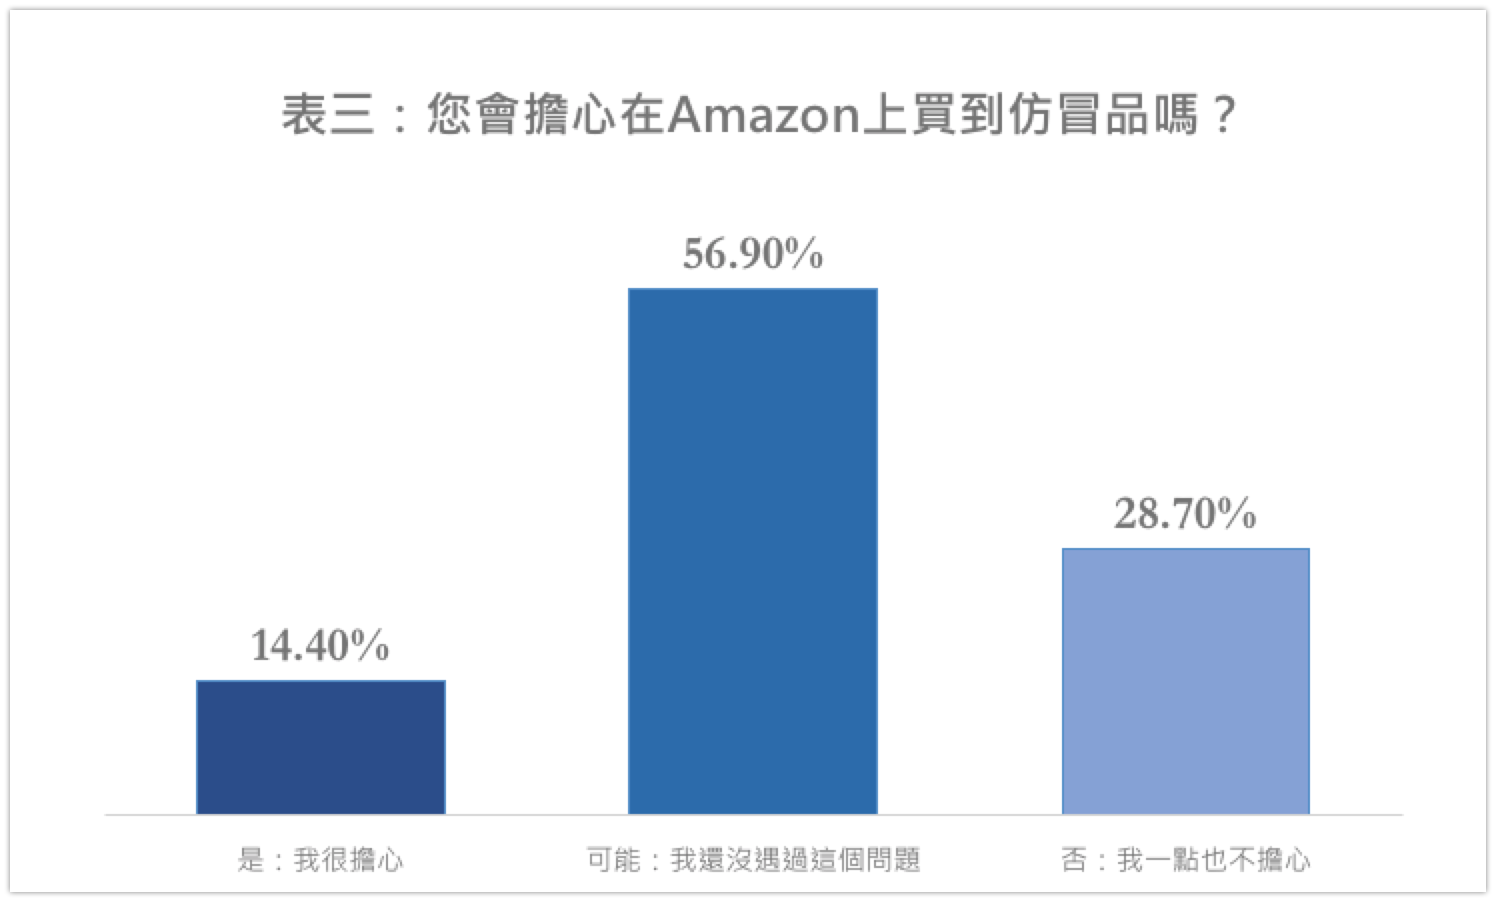 你會擔心在Amazon上買到仿冒品嗎